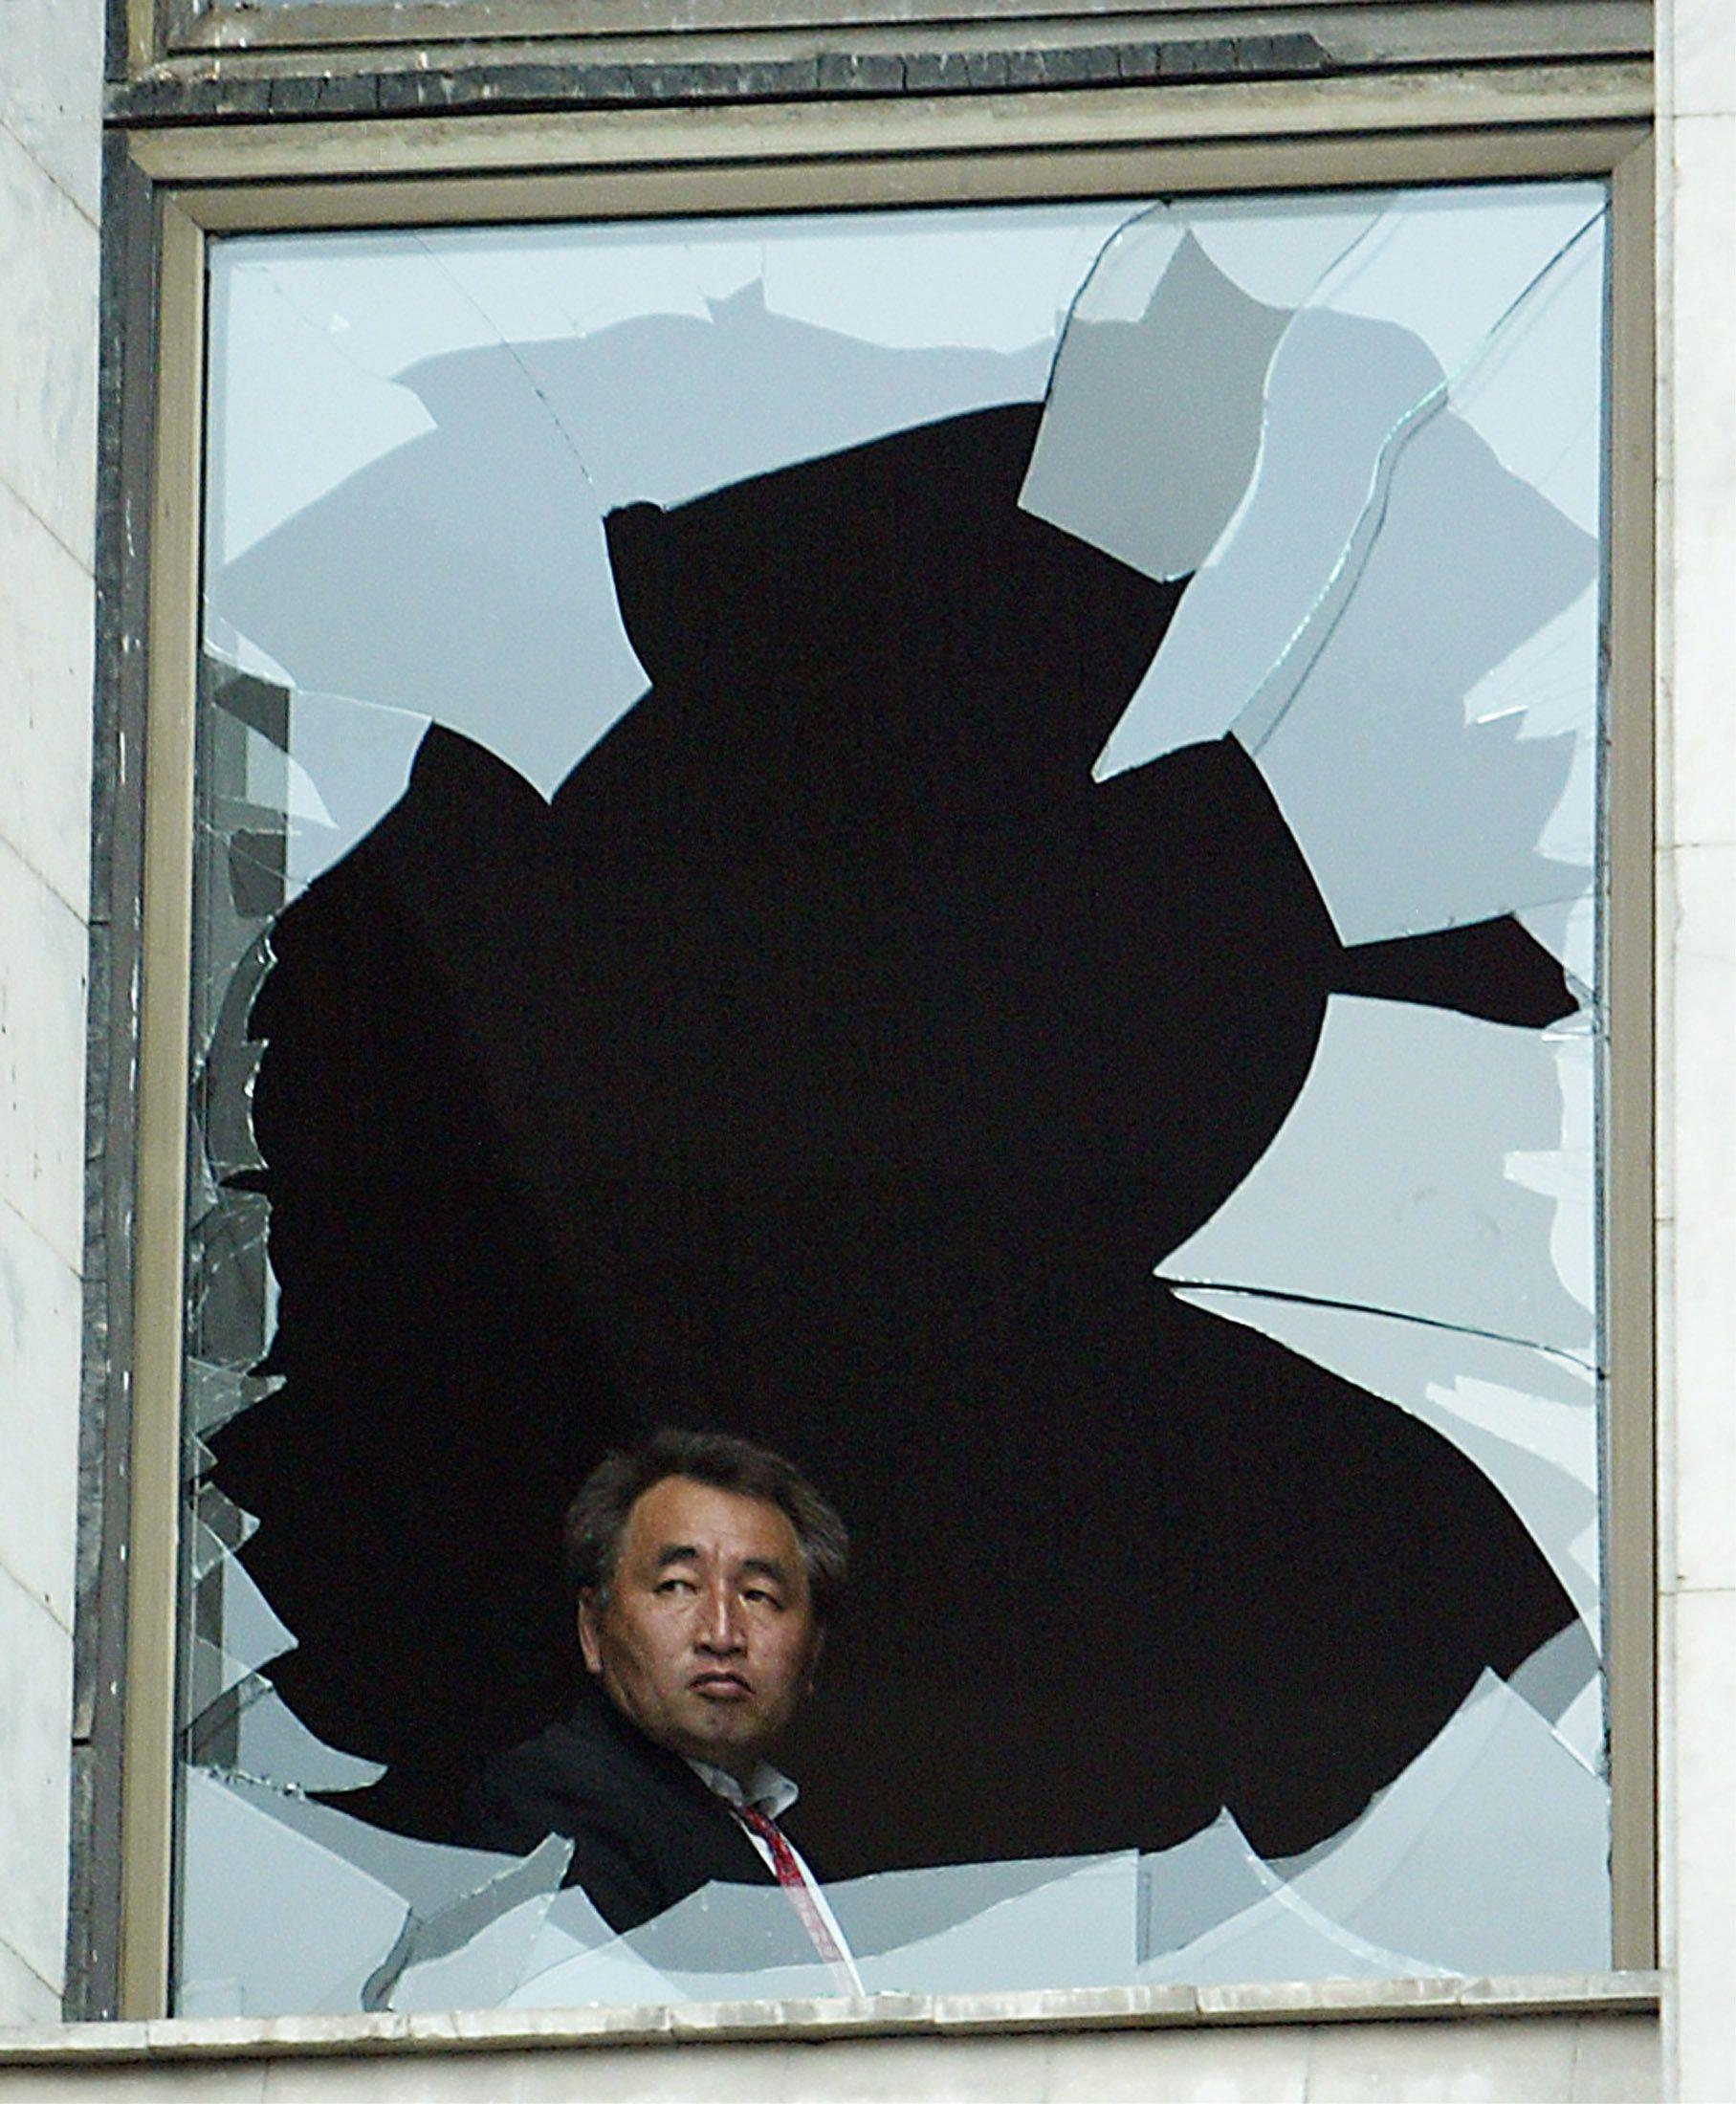 Politiquement, ça passe ou ça casse pour François Hollande.